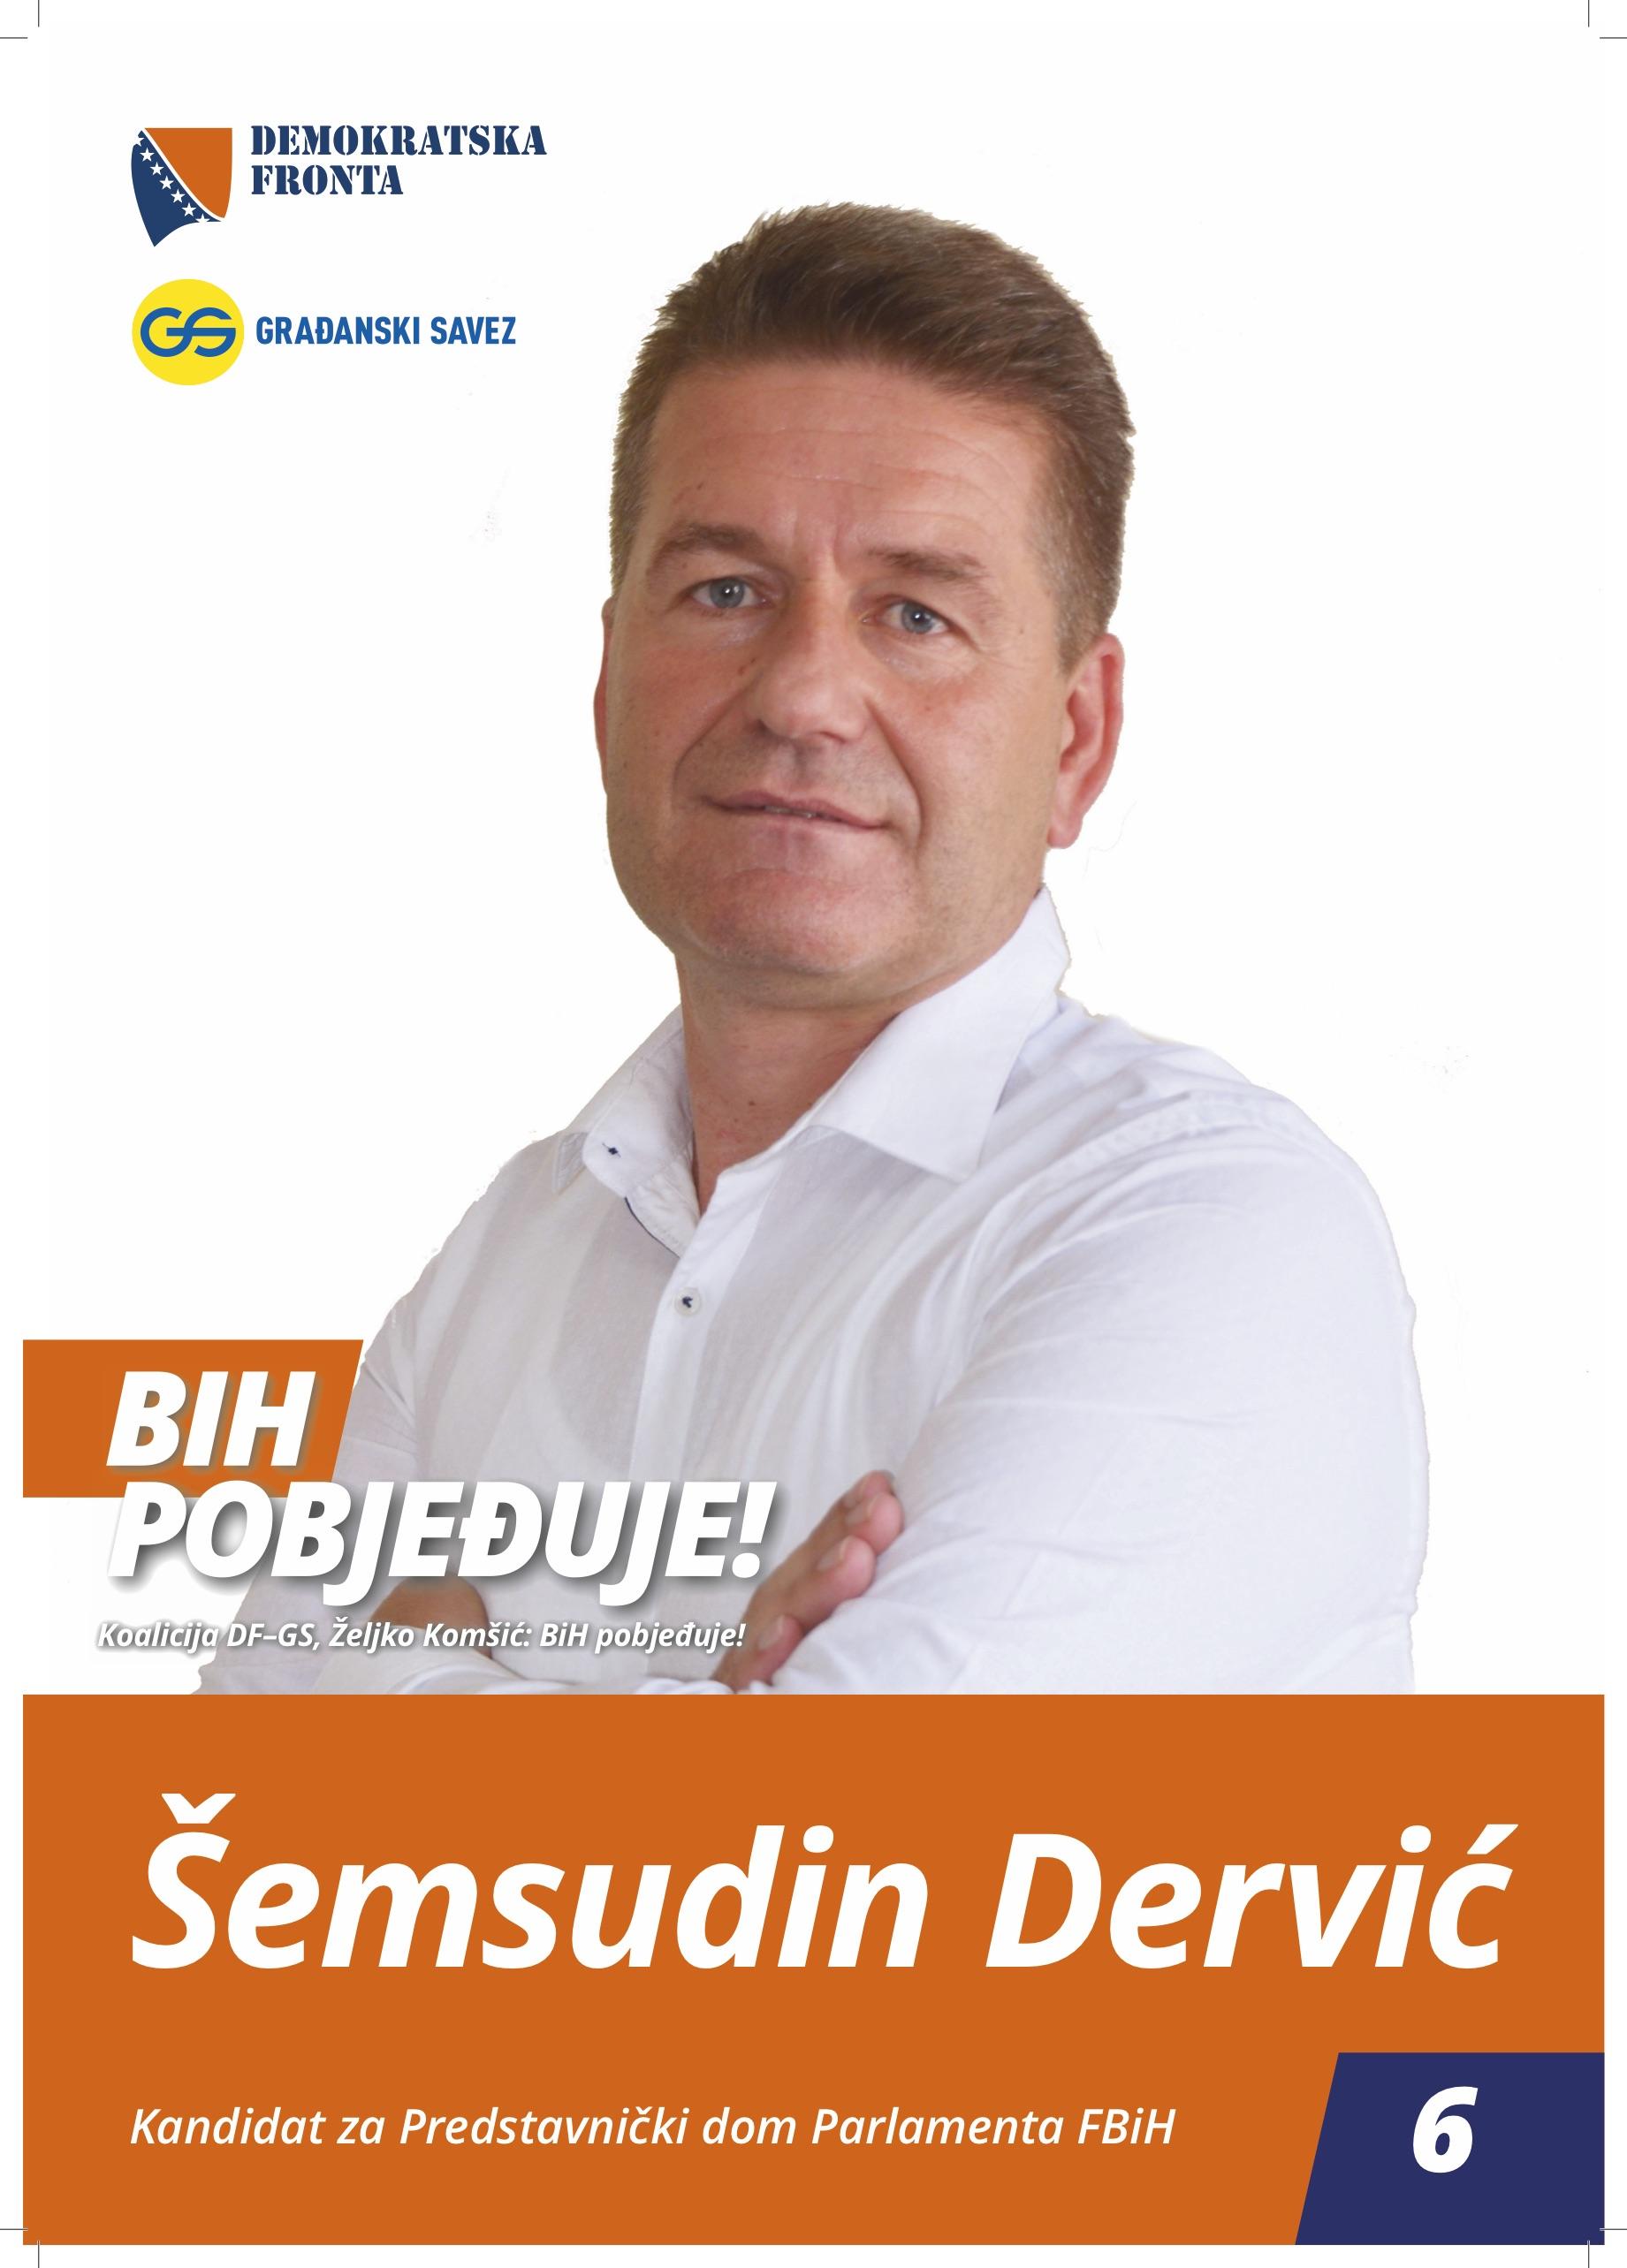 Šemsudin Dervić, doktor ekonomskih nauka